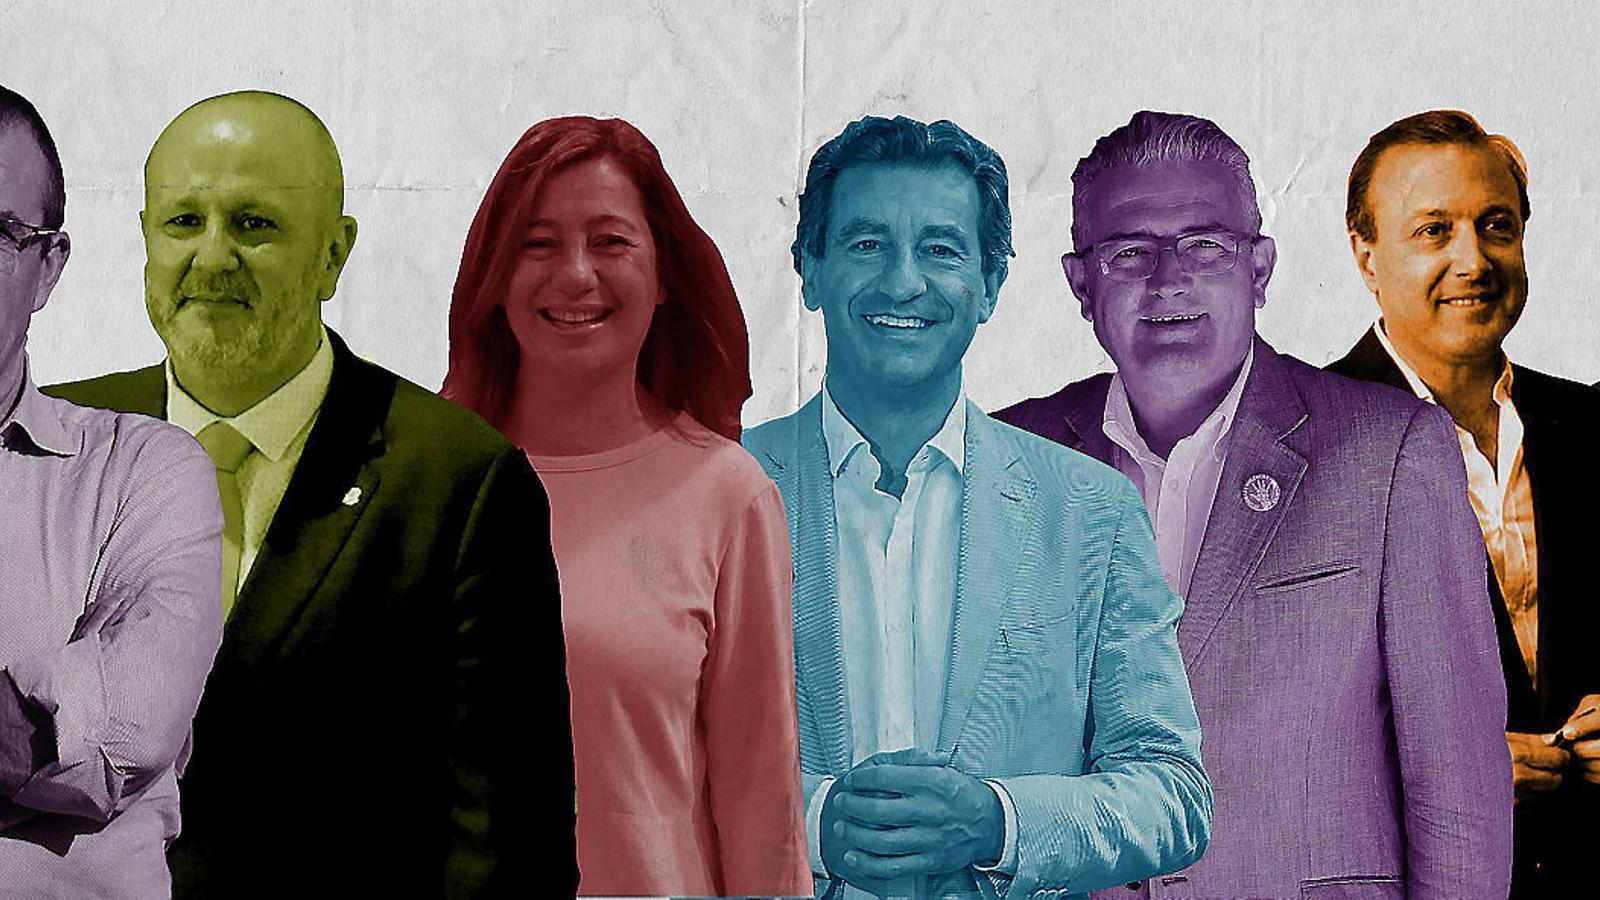 Les forces polítiques han elegit més o menys formalment els candidats i només Podem encara presenta alguns dubtes.